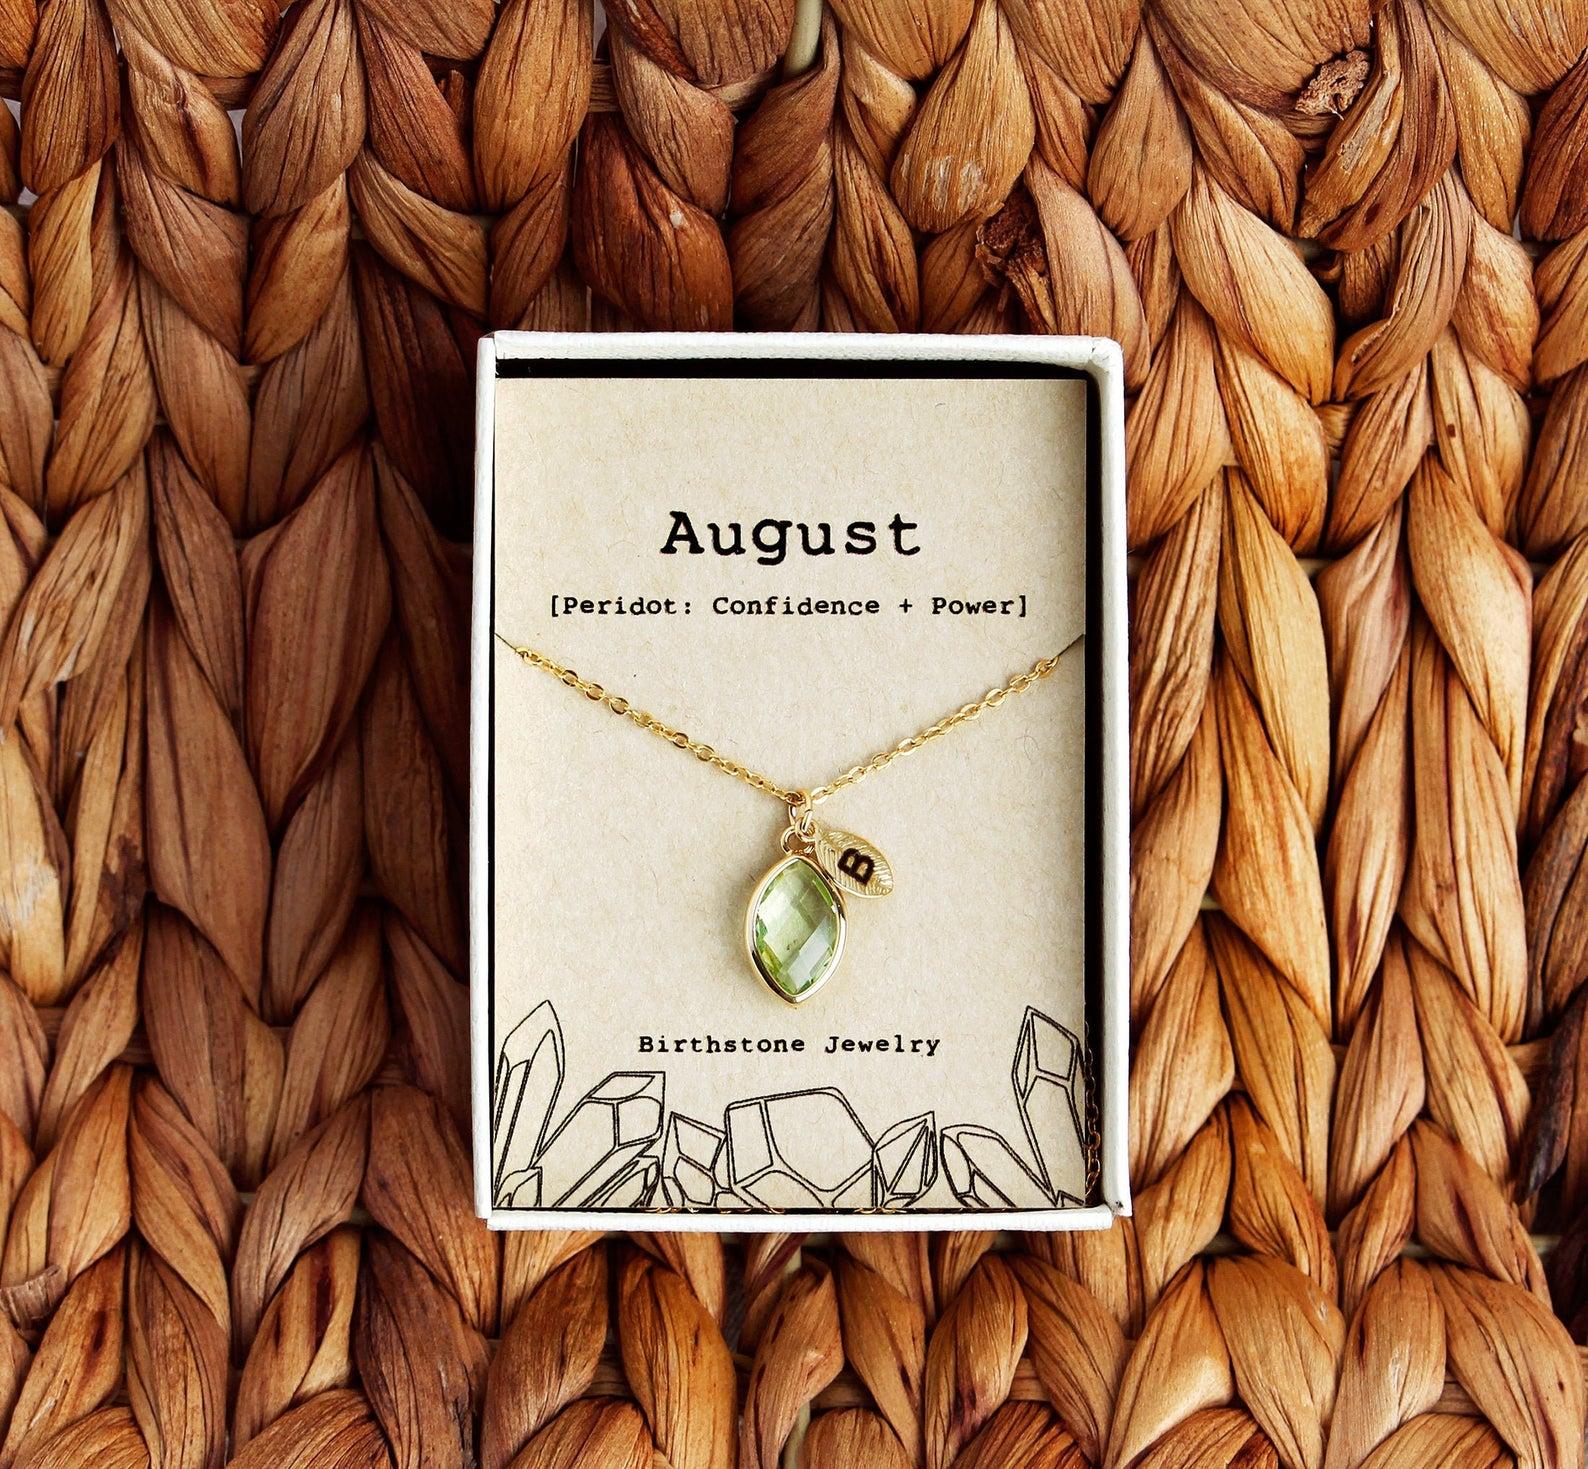 August birthstone necklace